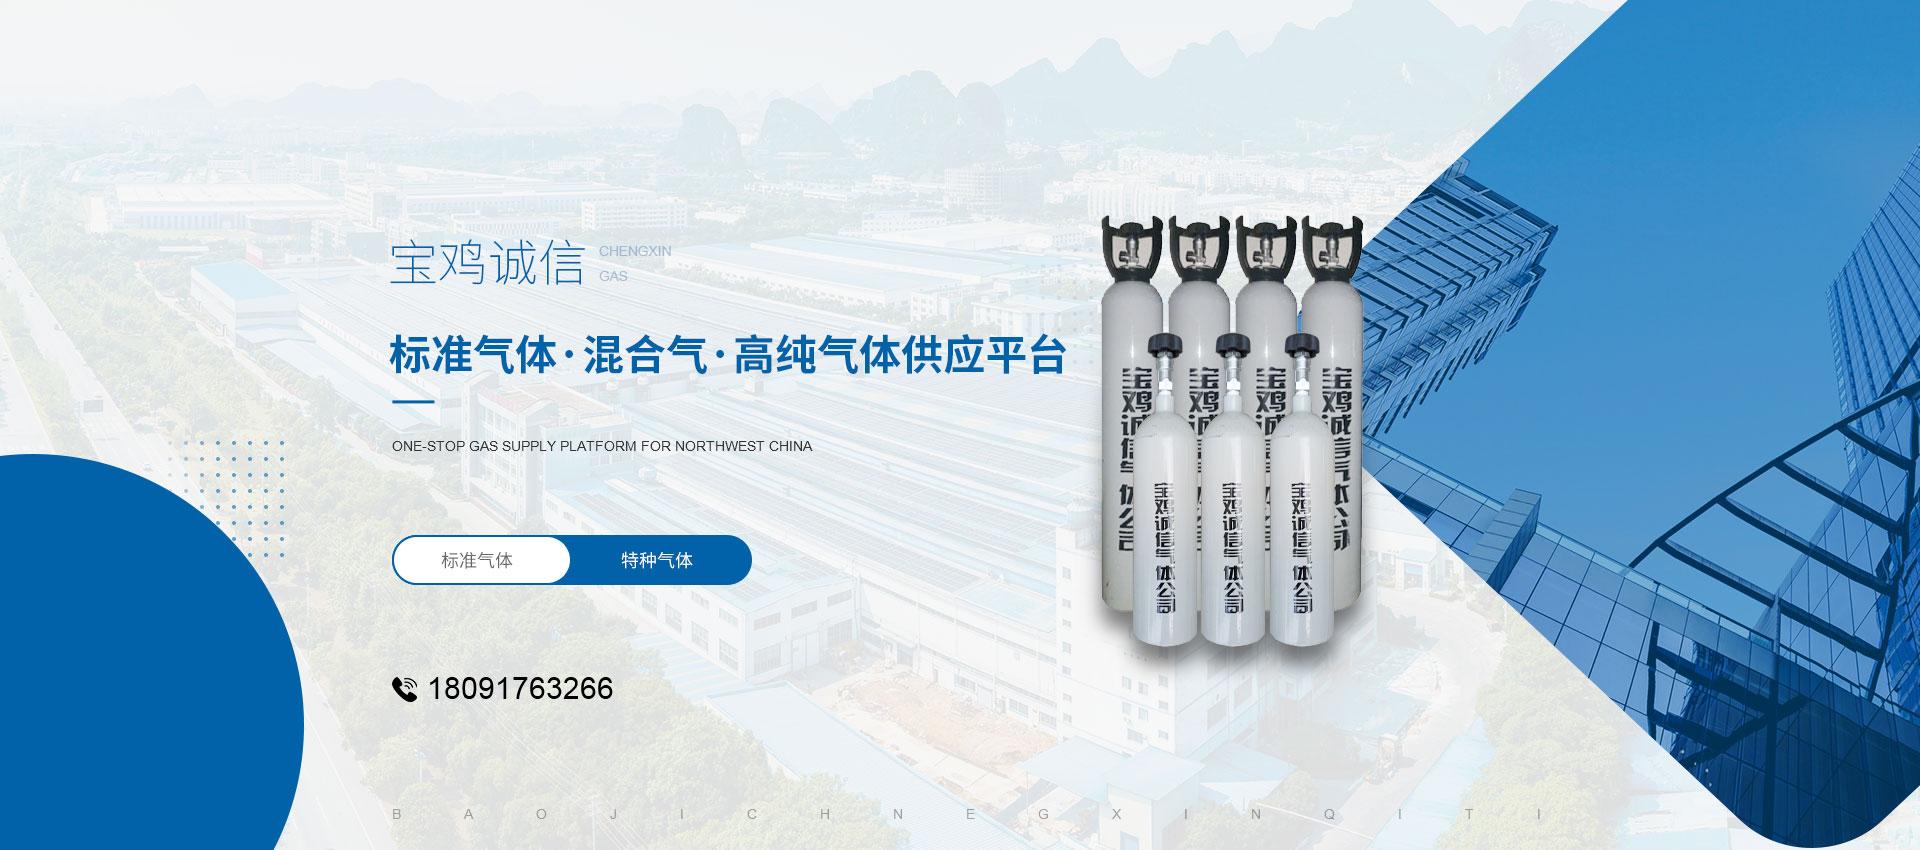 陕西混合气体厂家